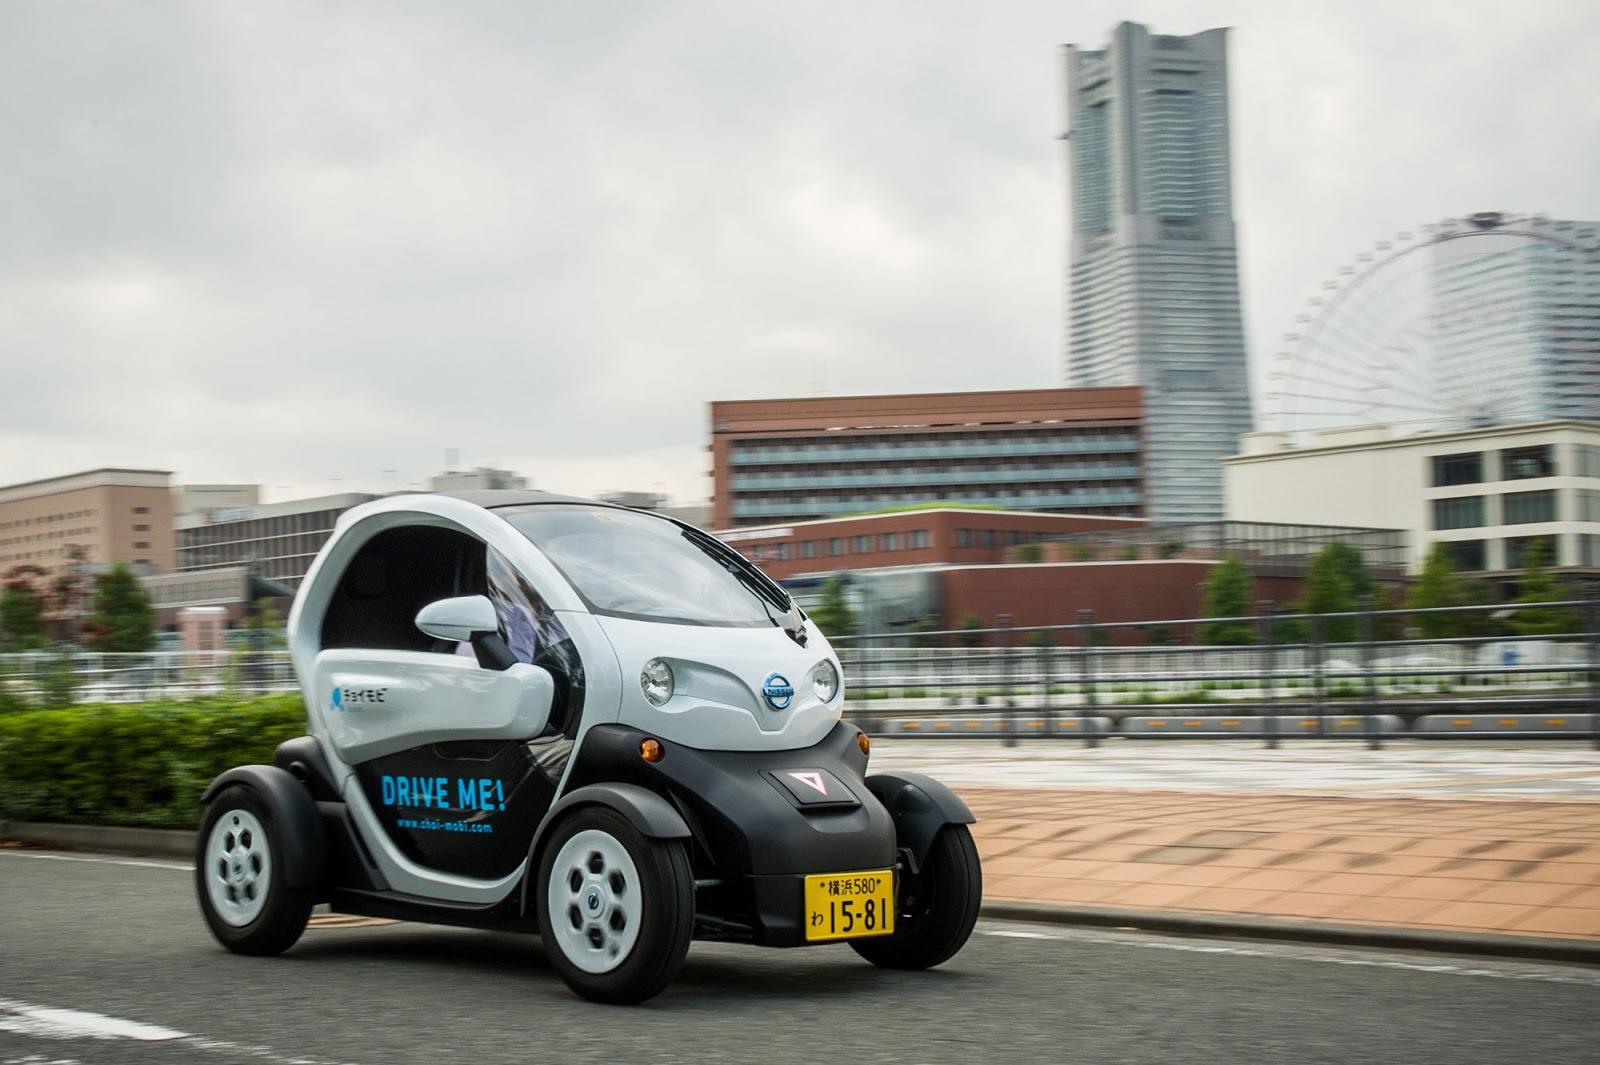 Συνεργασία της Nissan με υπηρεσία κοινής χρήσης αυτοκινήτων στην Ιαπωνία